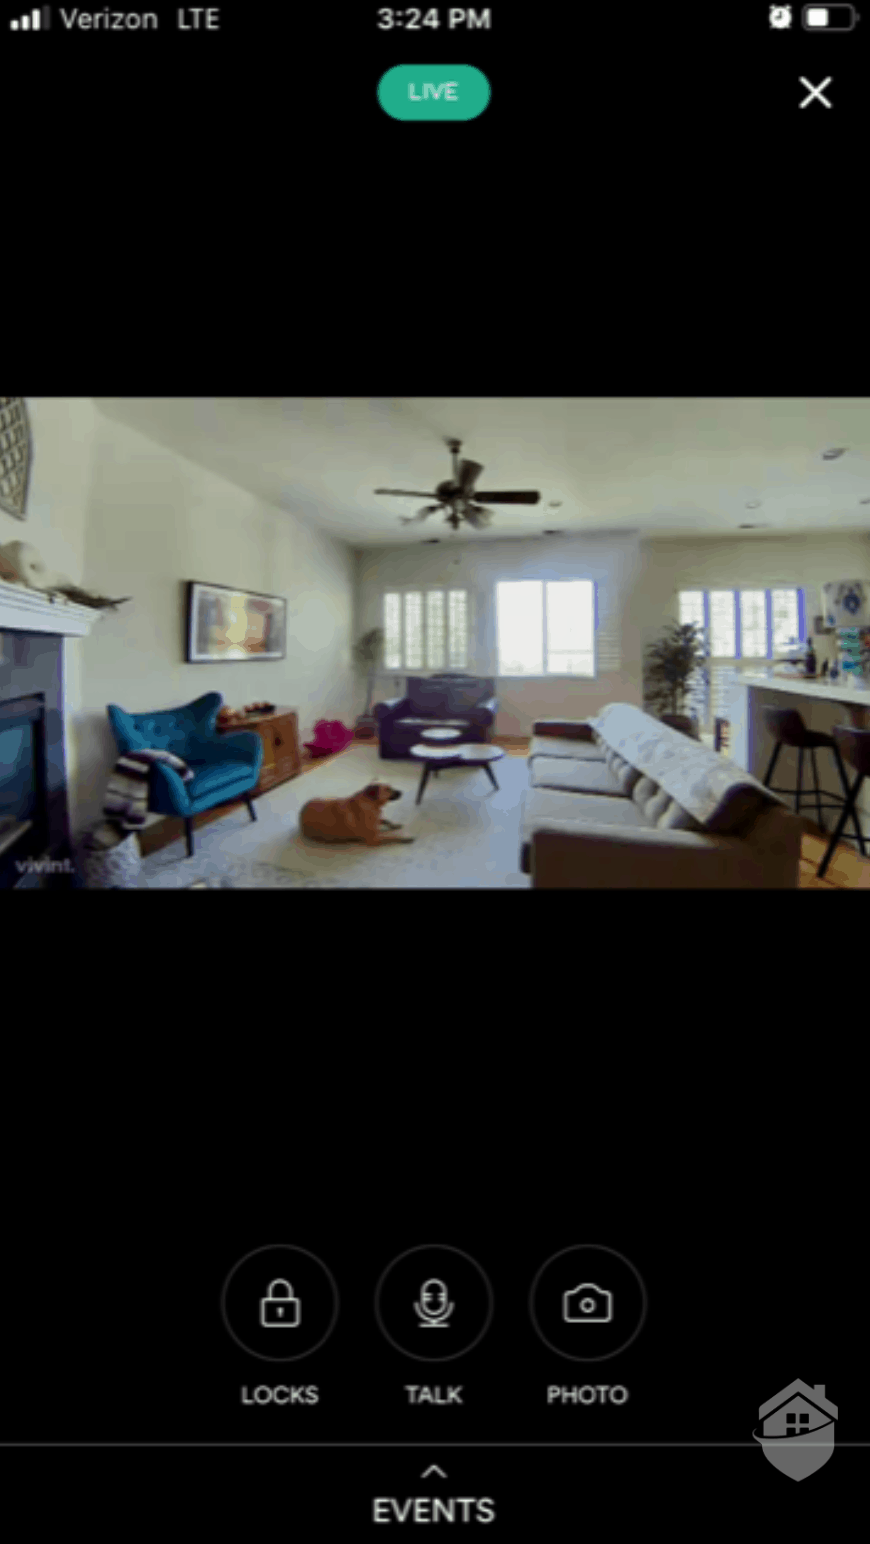 Vivint App Live Video